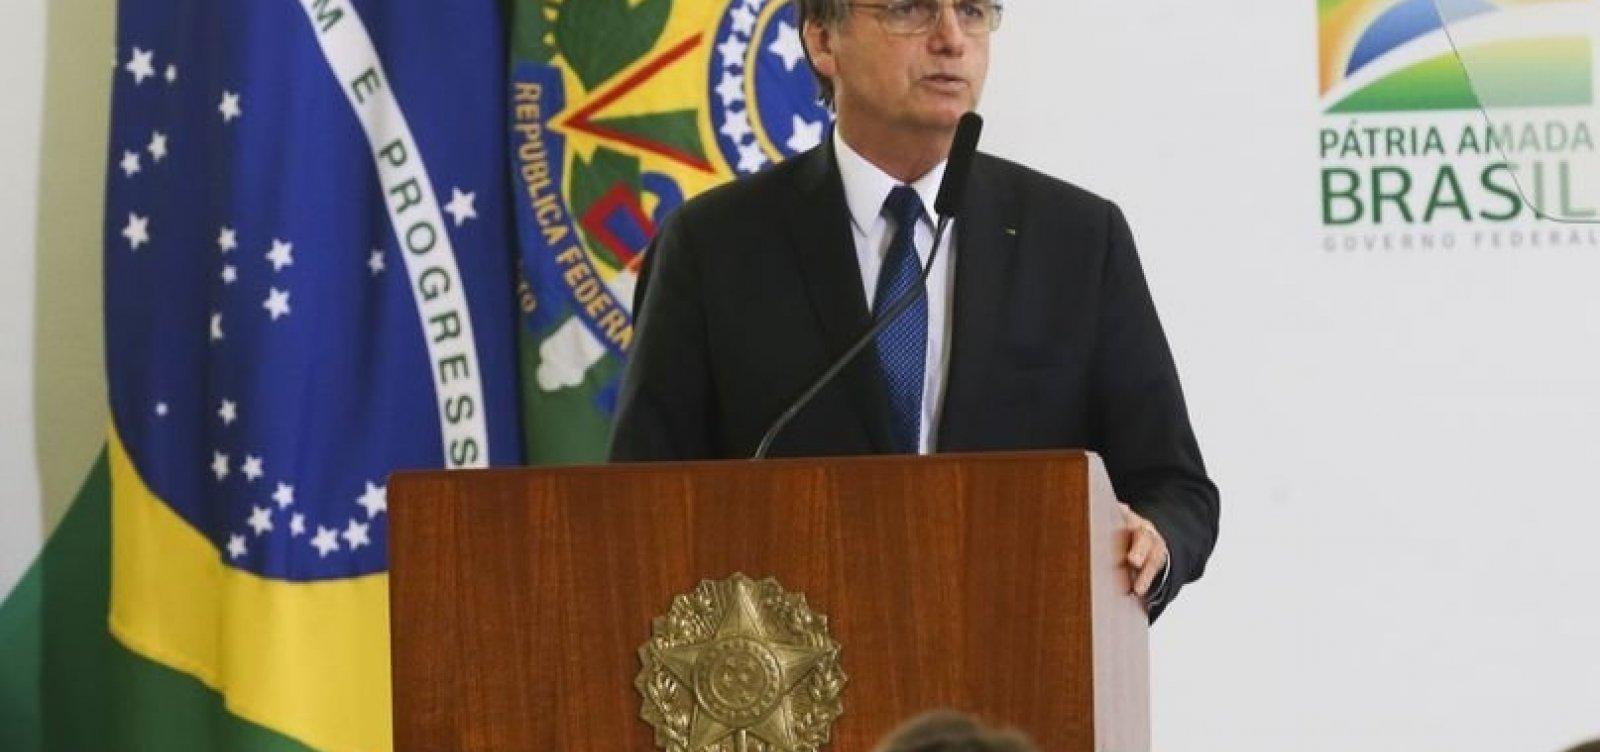 """Bolsonaro decreta troca de """"vossa excelência"""" por """"senhor"""" na comunicação do governo"""